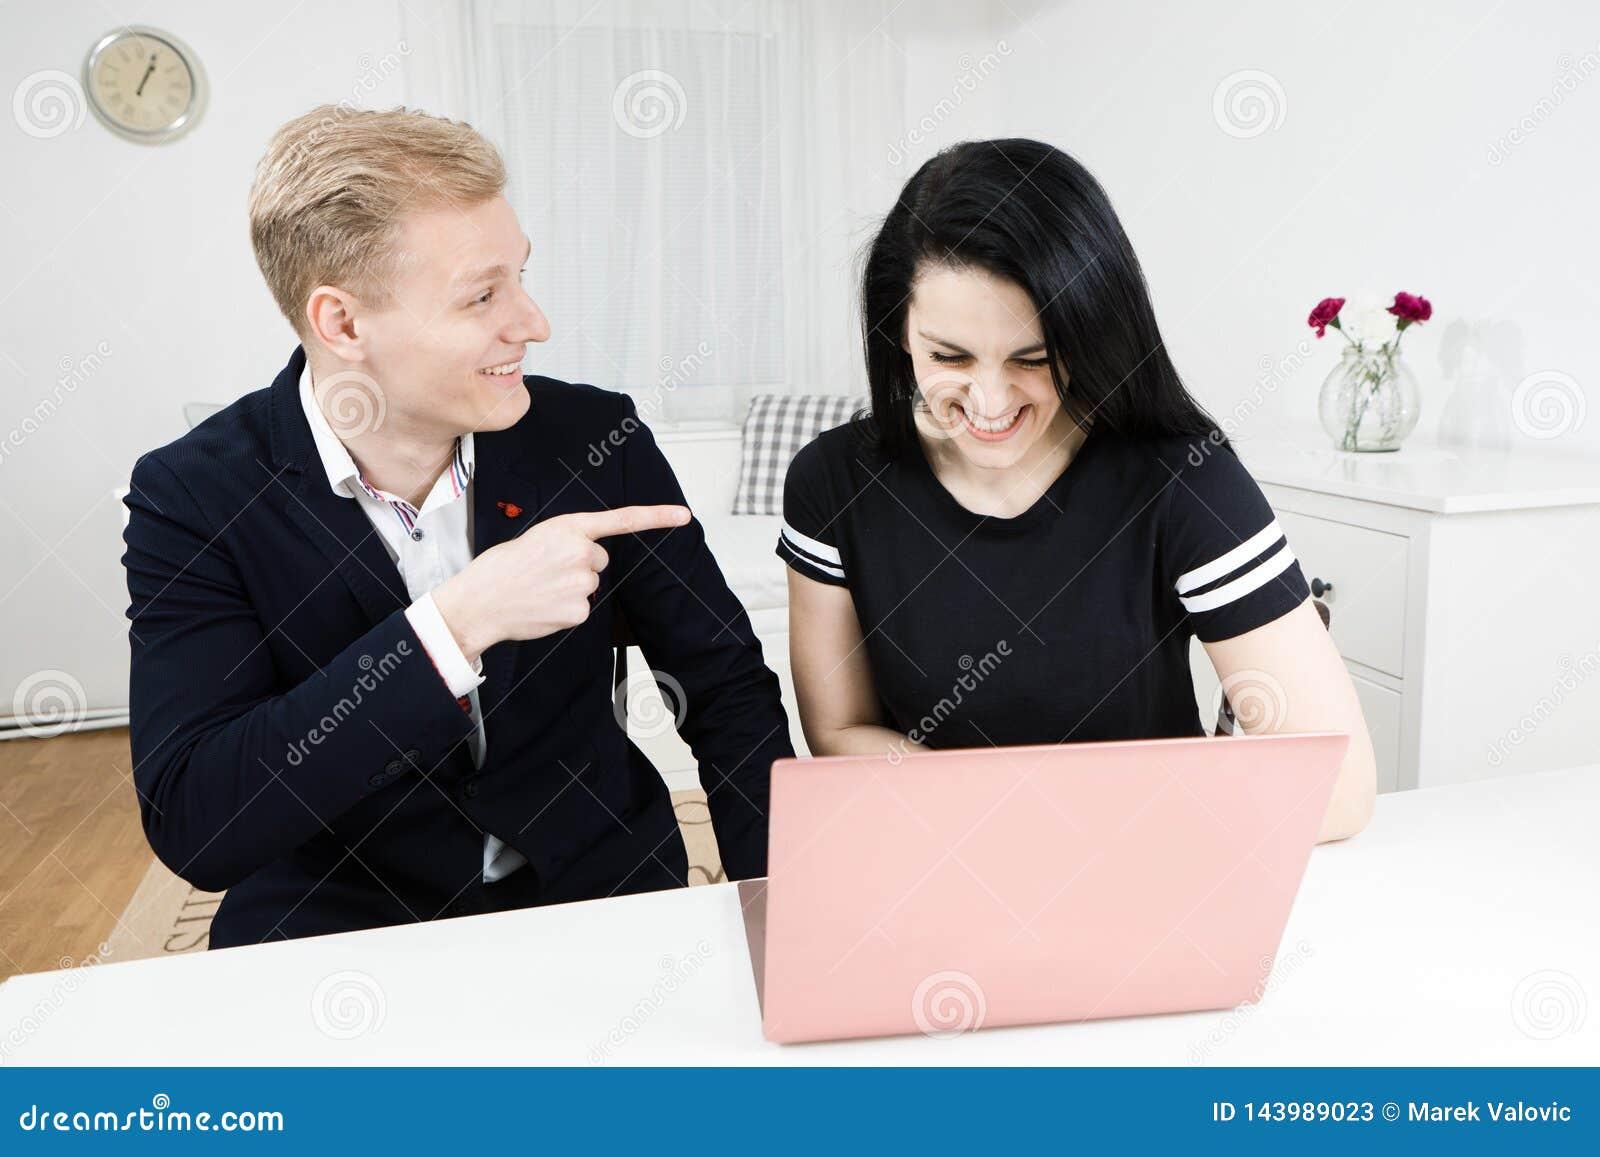 Trabalhos dos superiores com subordinado Dedo louro dos pontos do homem na mulher de cabelo preta